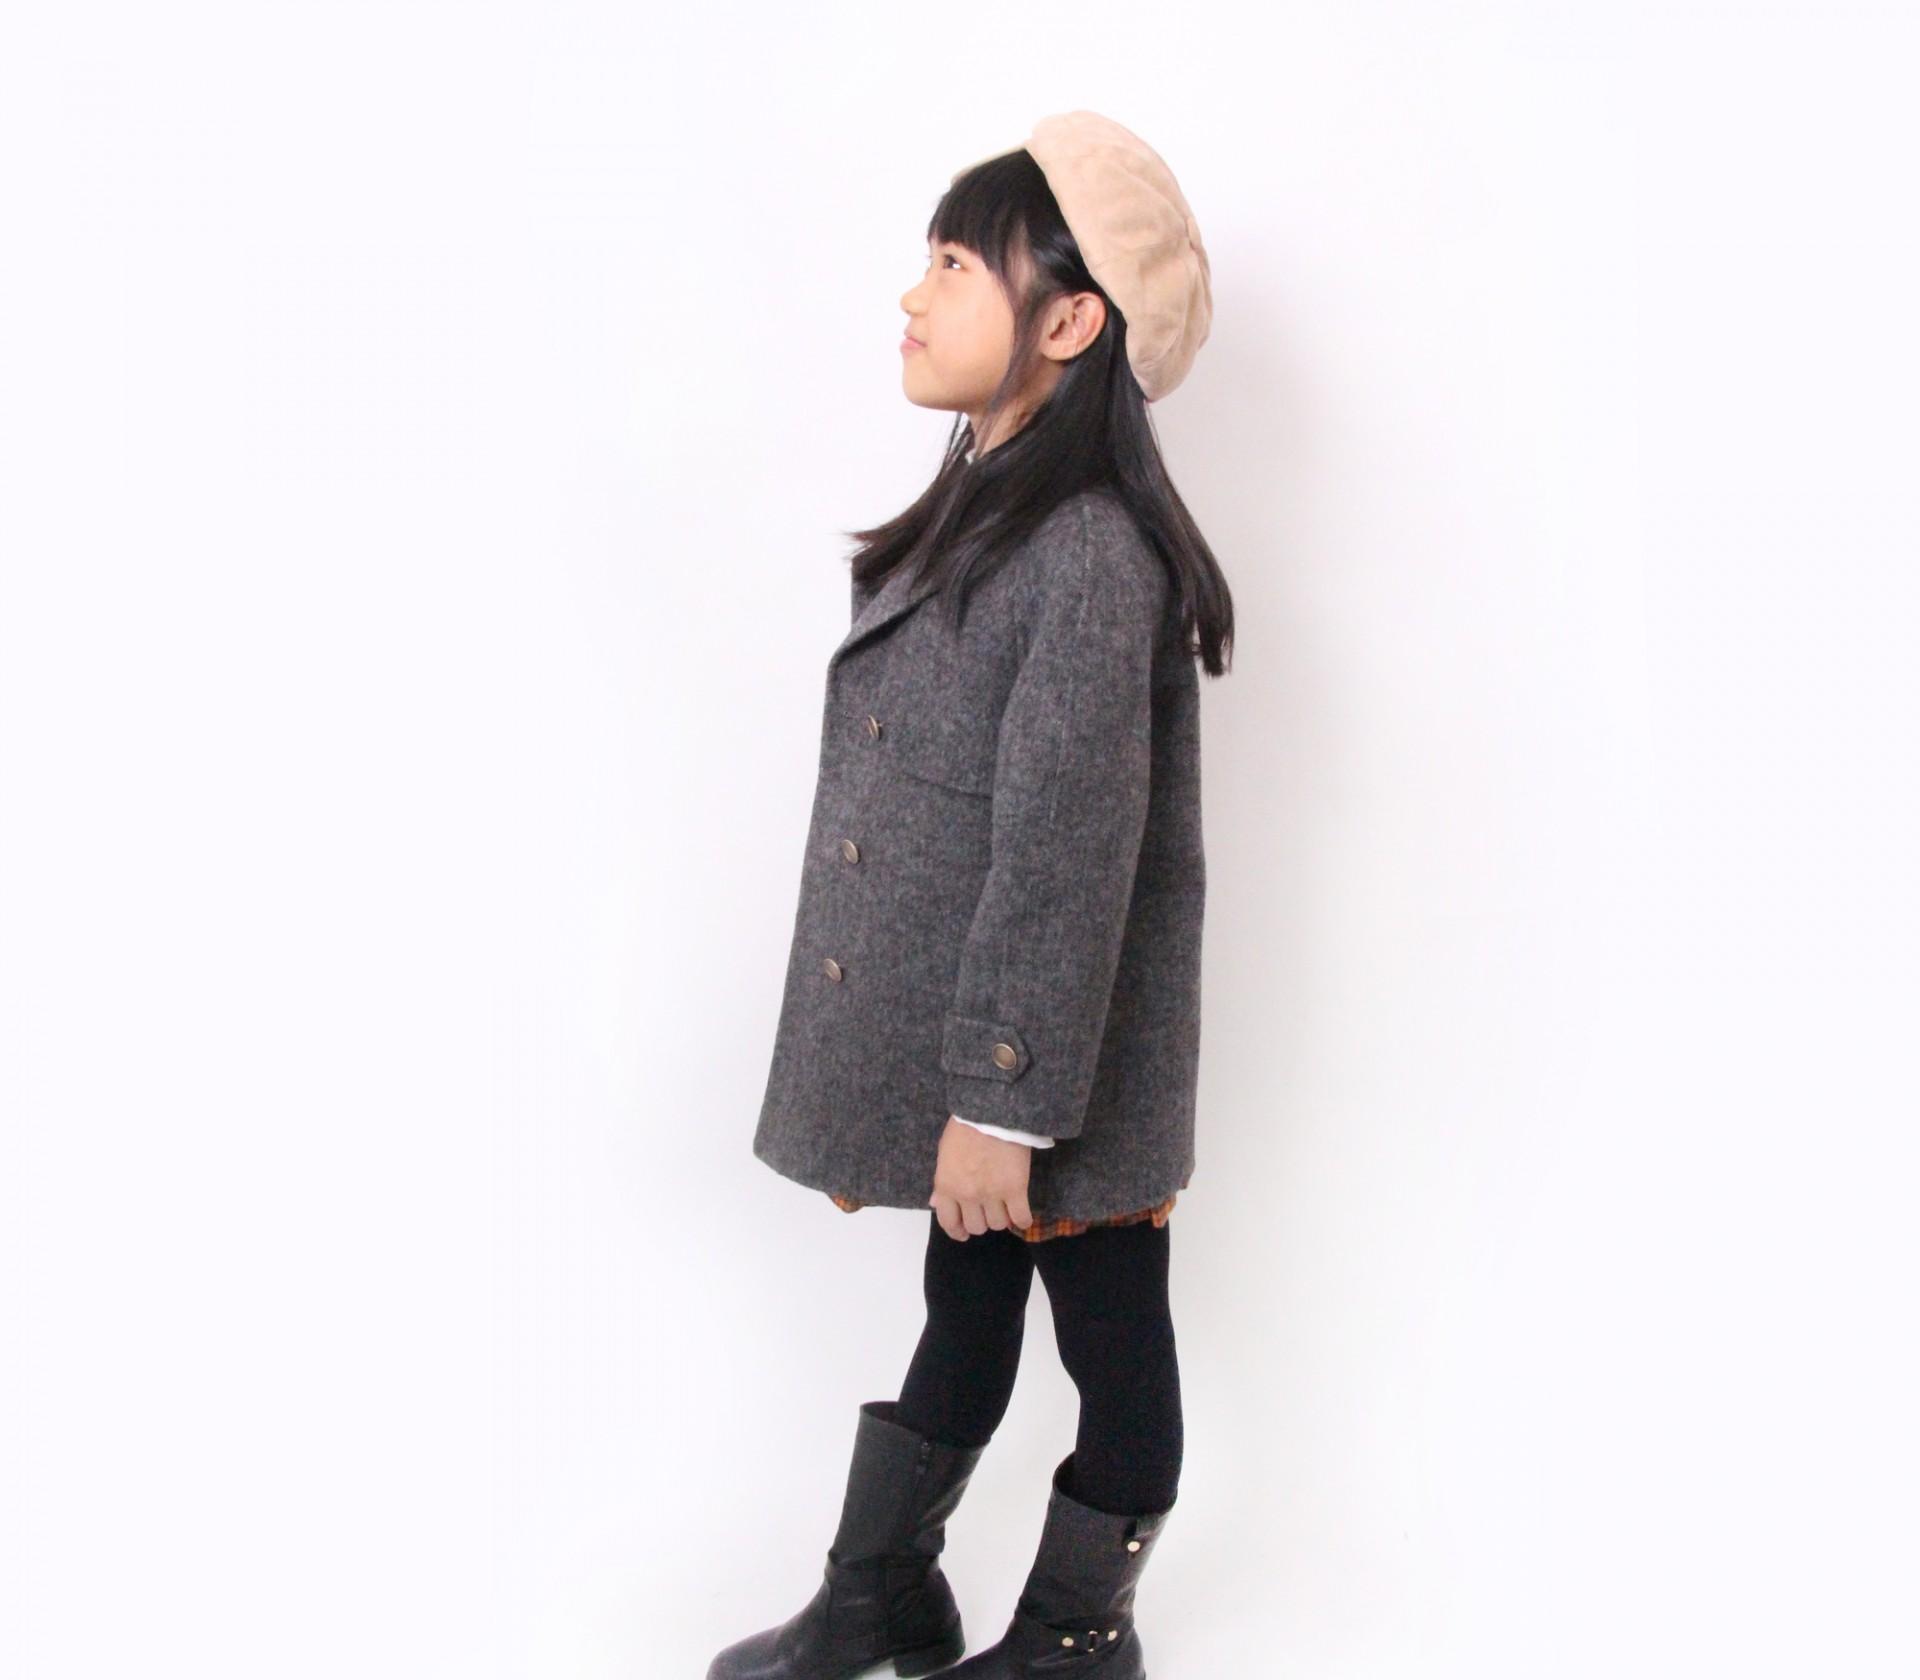 闕蘭絹KIDS西裝式灰色羊毛大衣-18007